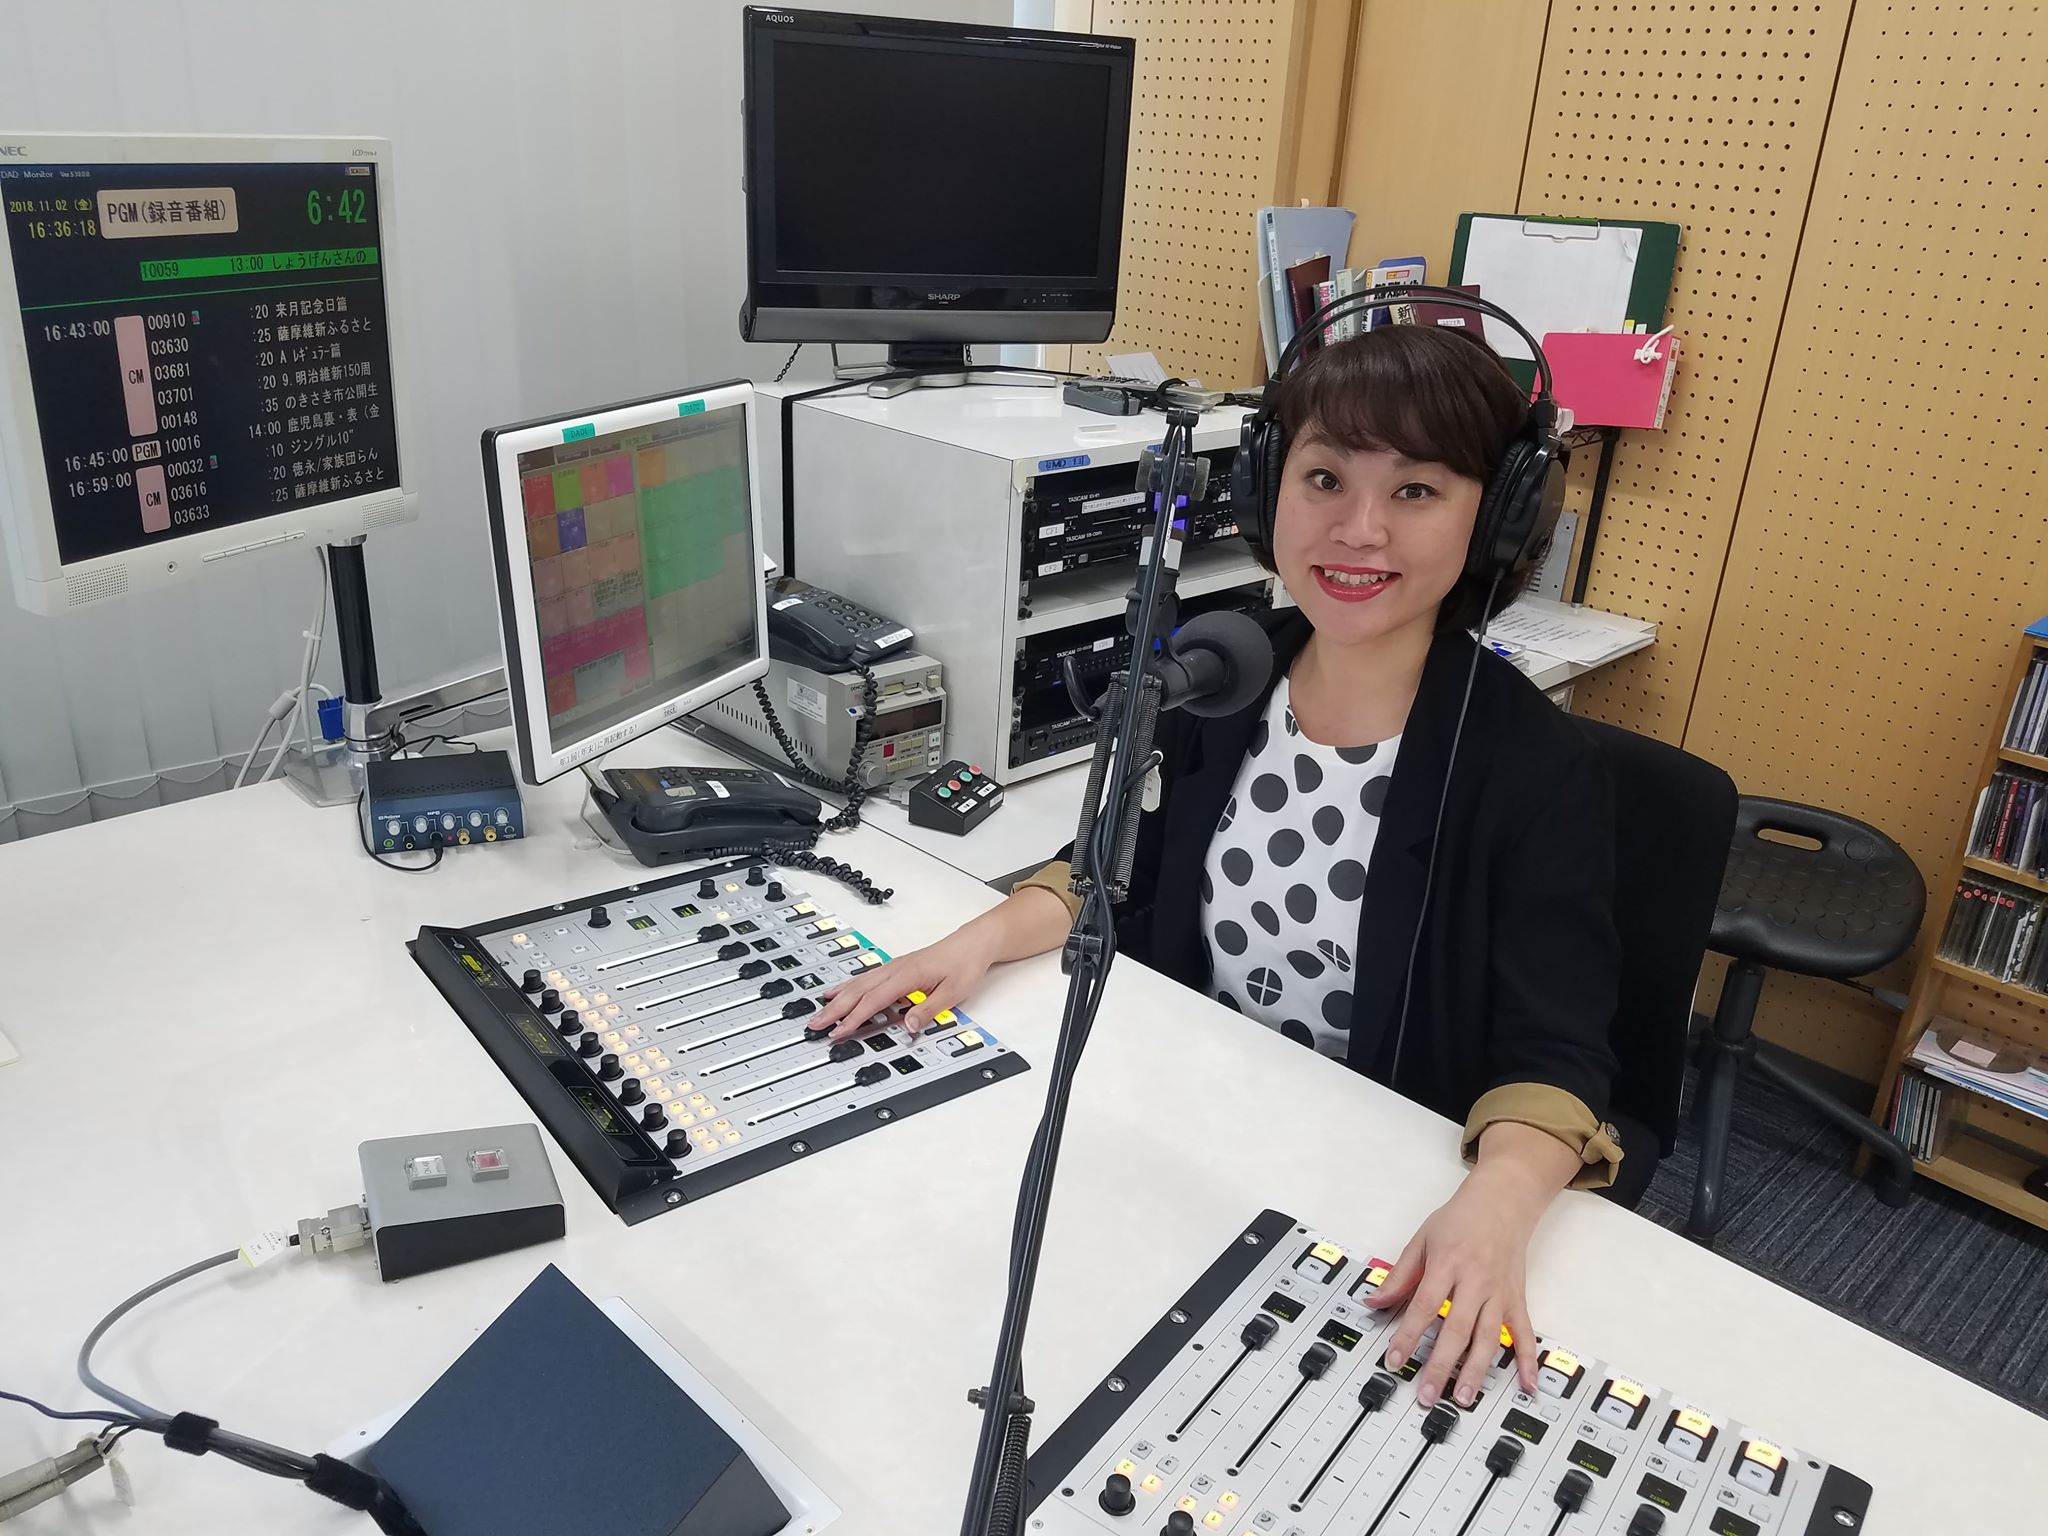 『Quantizeインタビュー Vol.6 福元ゆみ(ラジオパーソナリティ)』